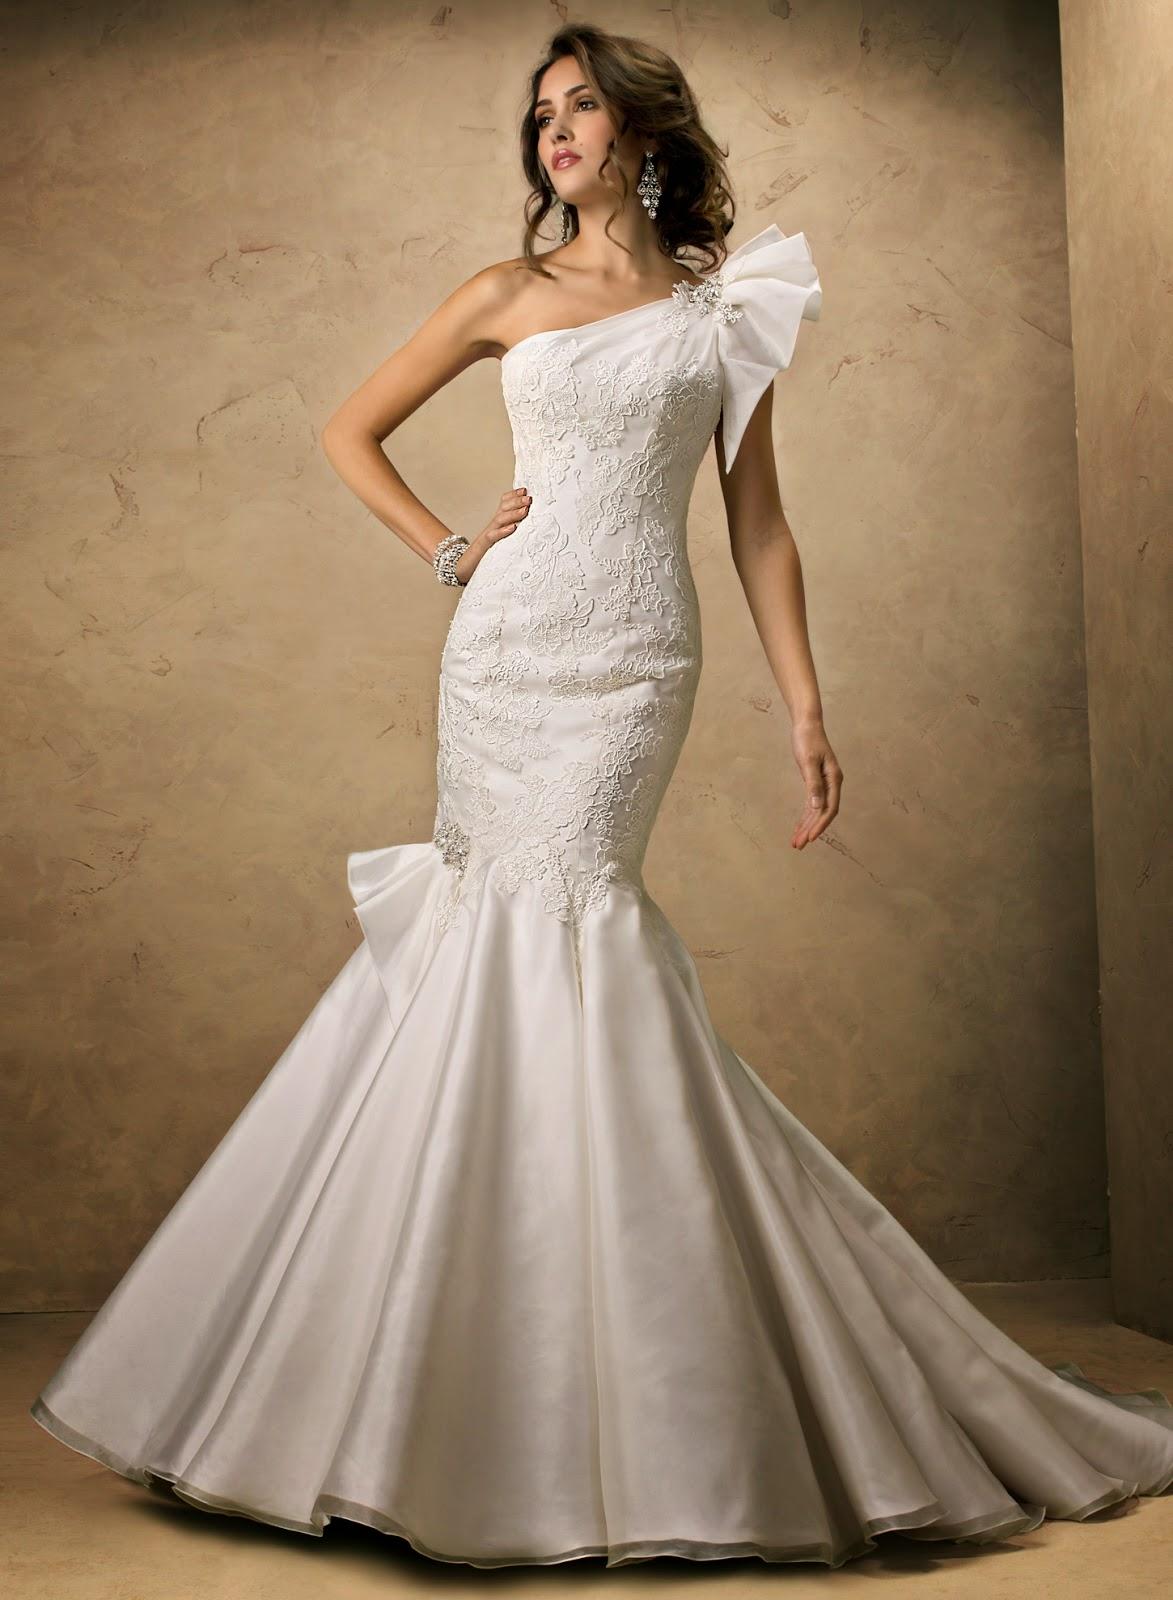 Фото причесок свадебных и вечерних платьев